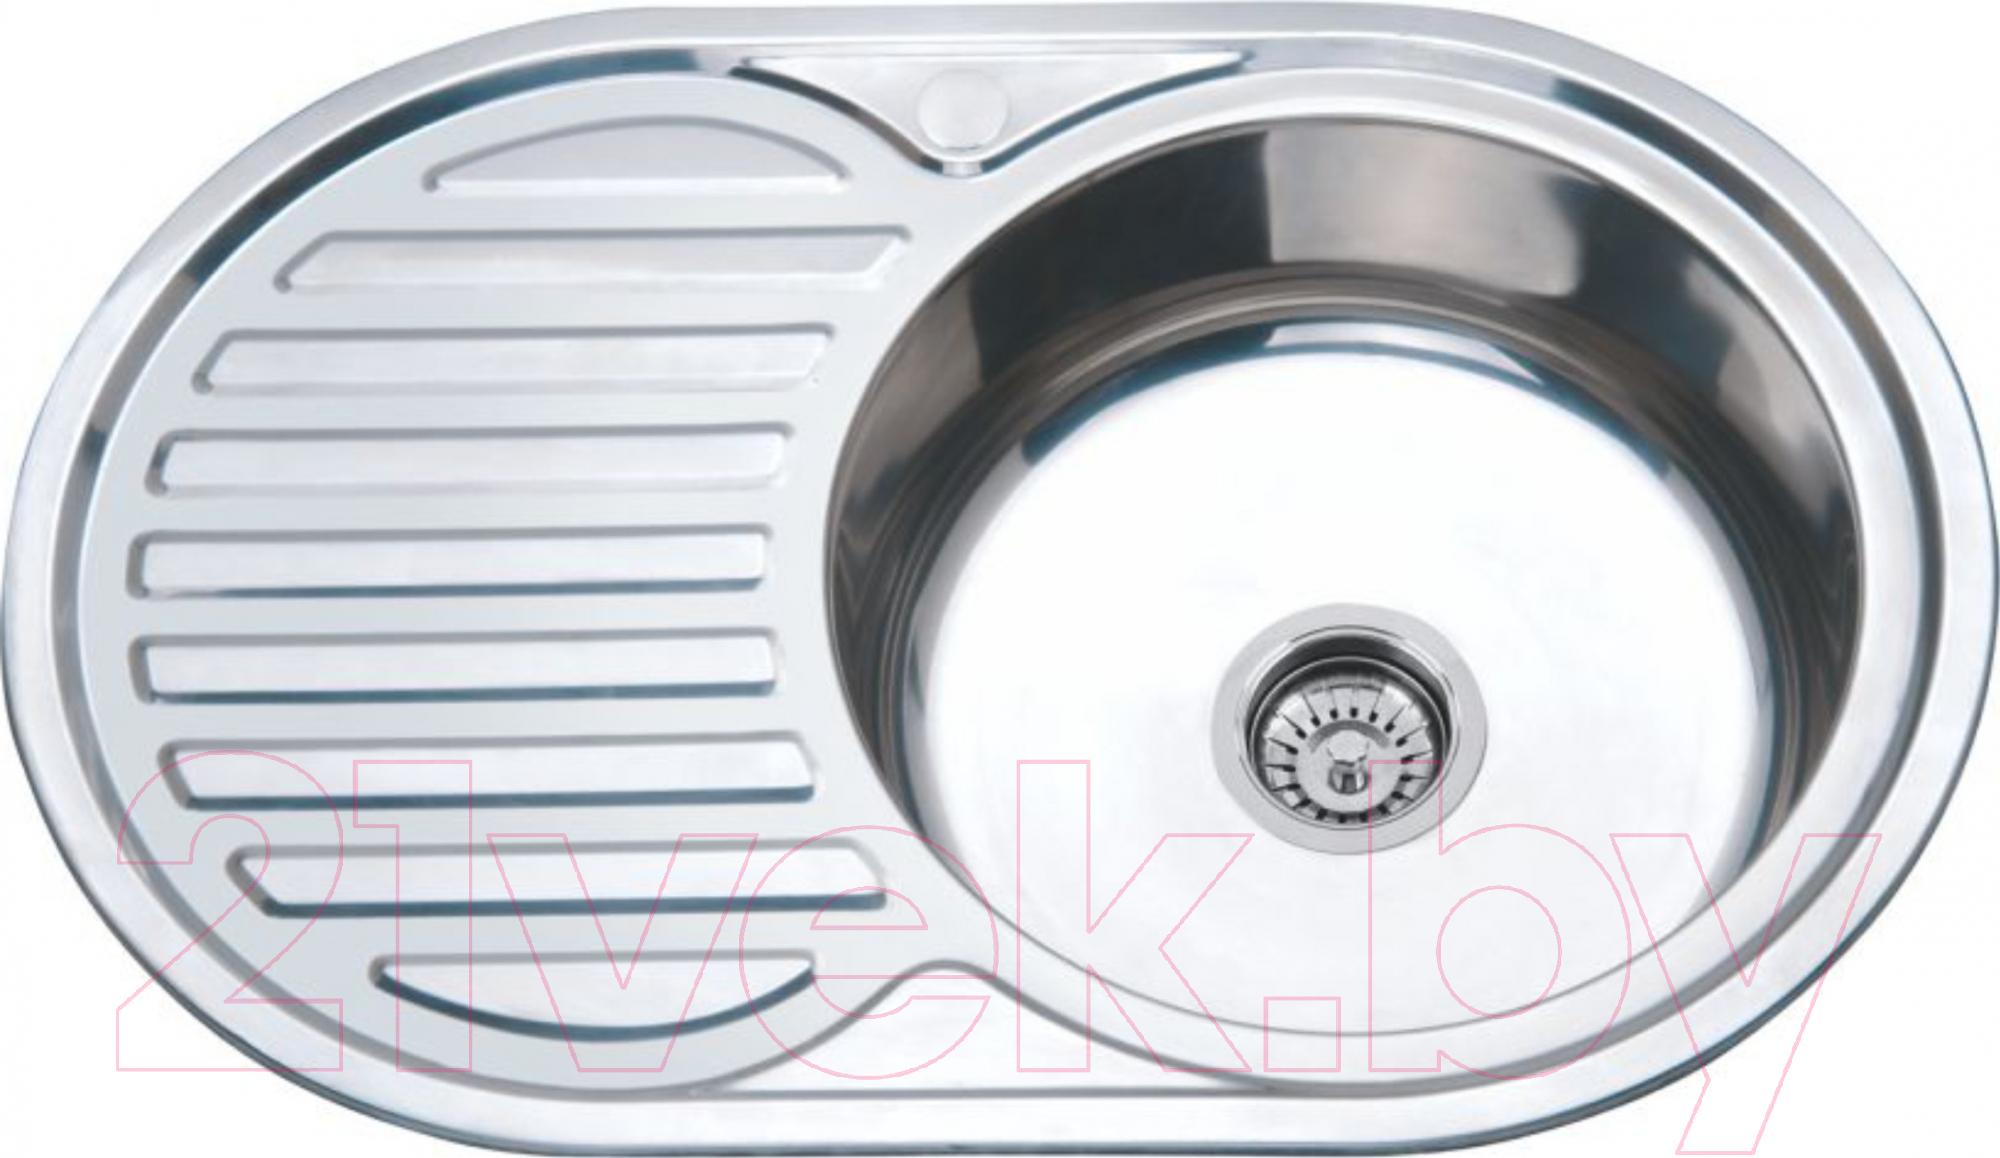 Купить Мойка кухонная РМС, MS8-7750OVR, Россия, нержавеющая сталь